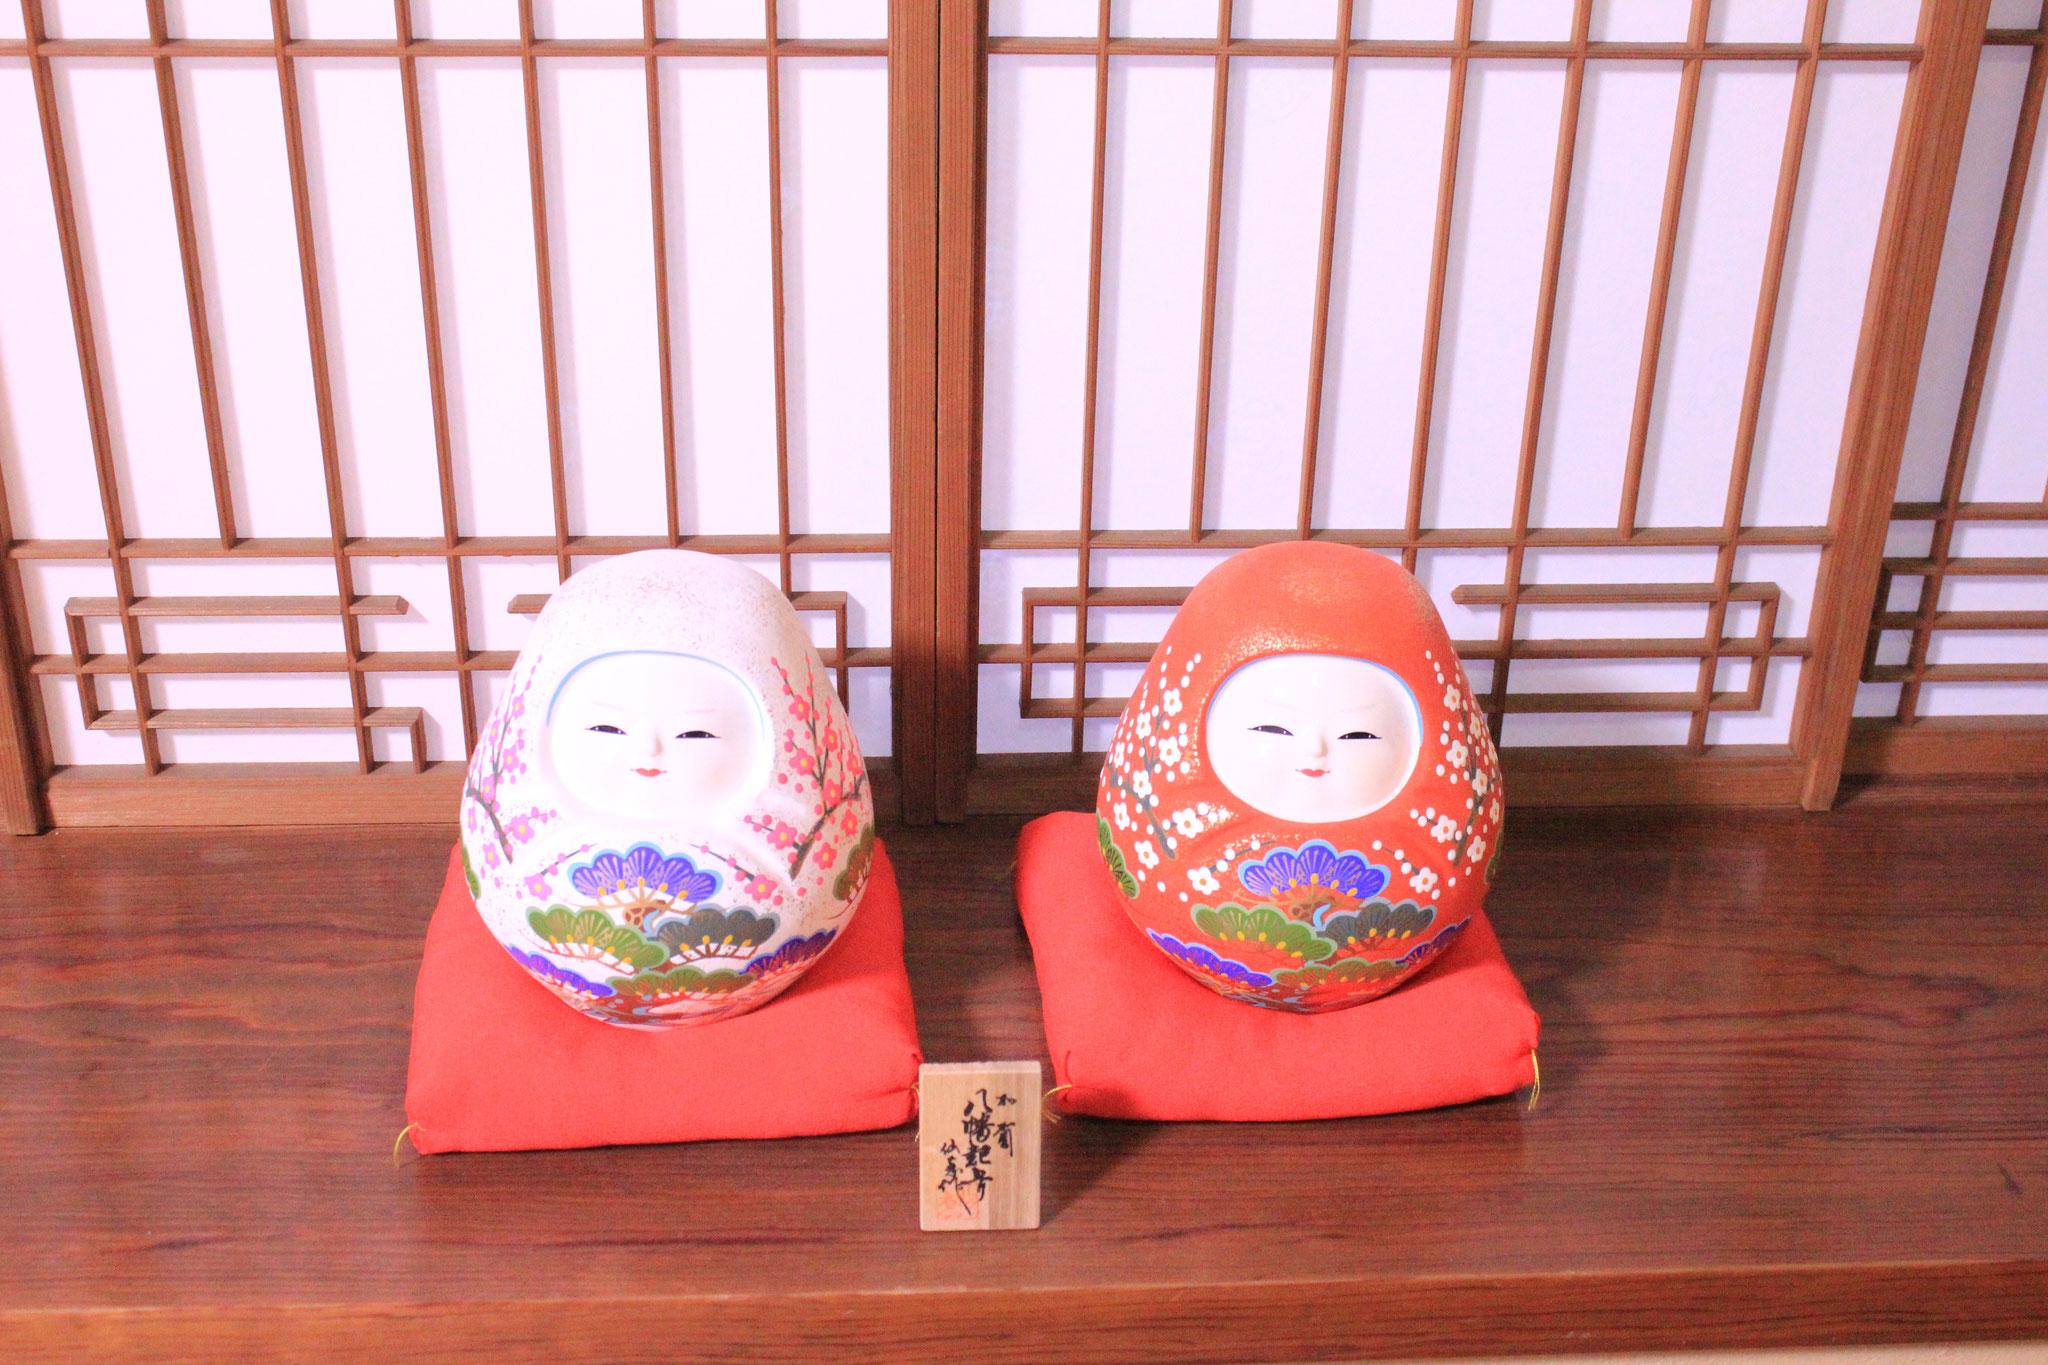 加賀八幡起上りのお人形、愛らしい表情をしていました